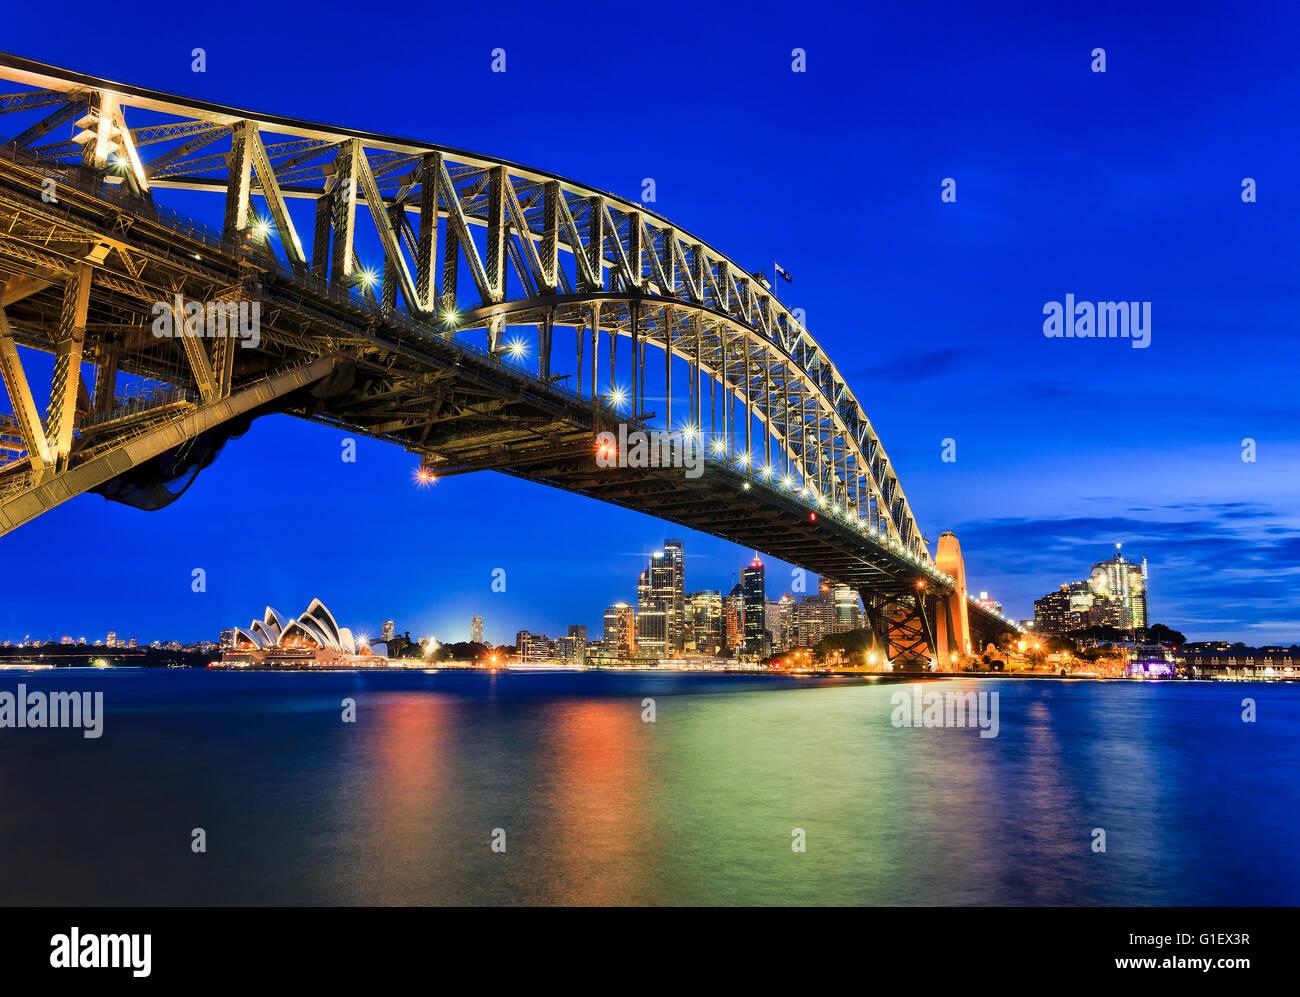 Vue latérale du Sydney Harbour Bridge en direction de city CBD, the Rocks et Circular Quay au coucher du soleil Photo Stock